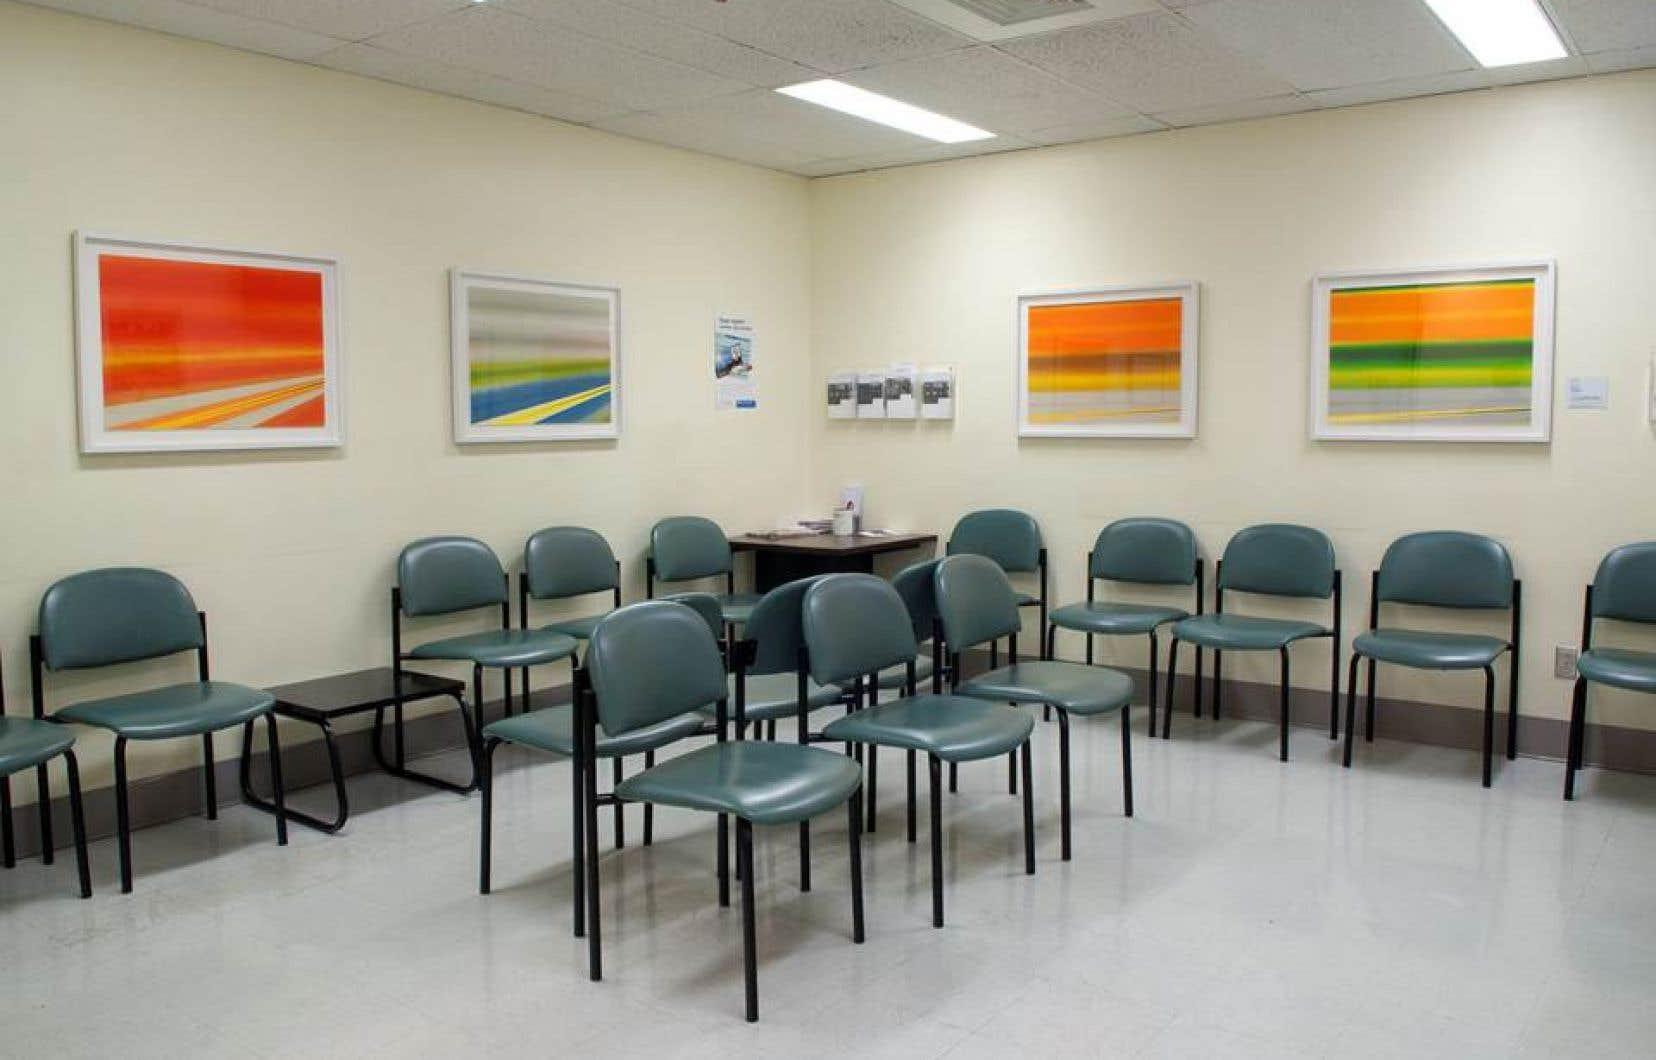 Une salle d'attente de l'hôpital habillée d'œuvres de Rita Letendre.